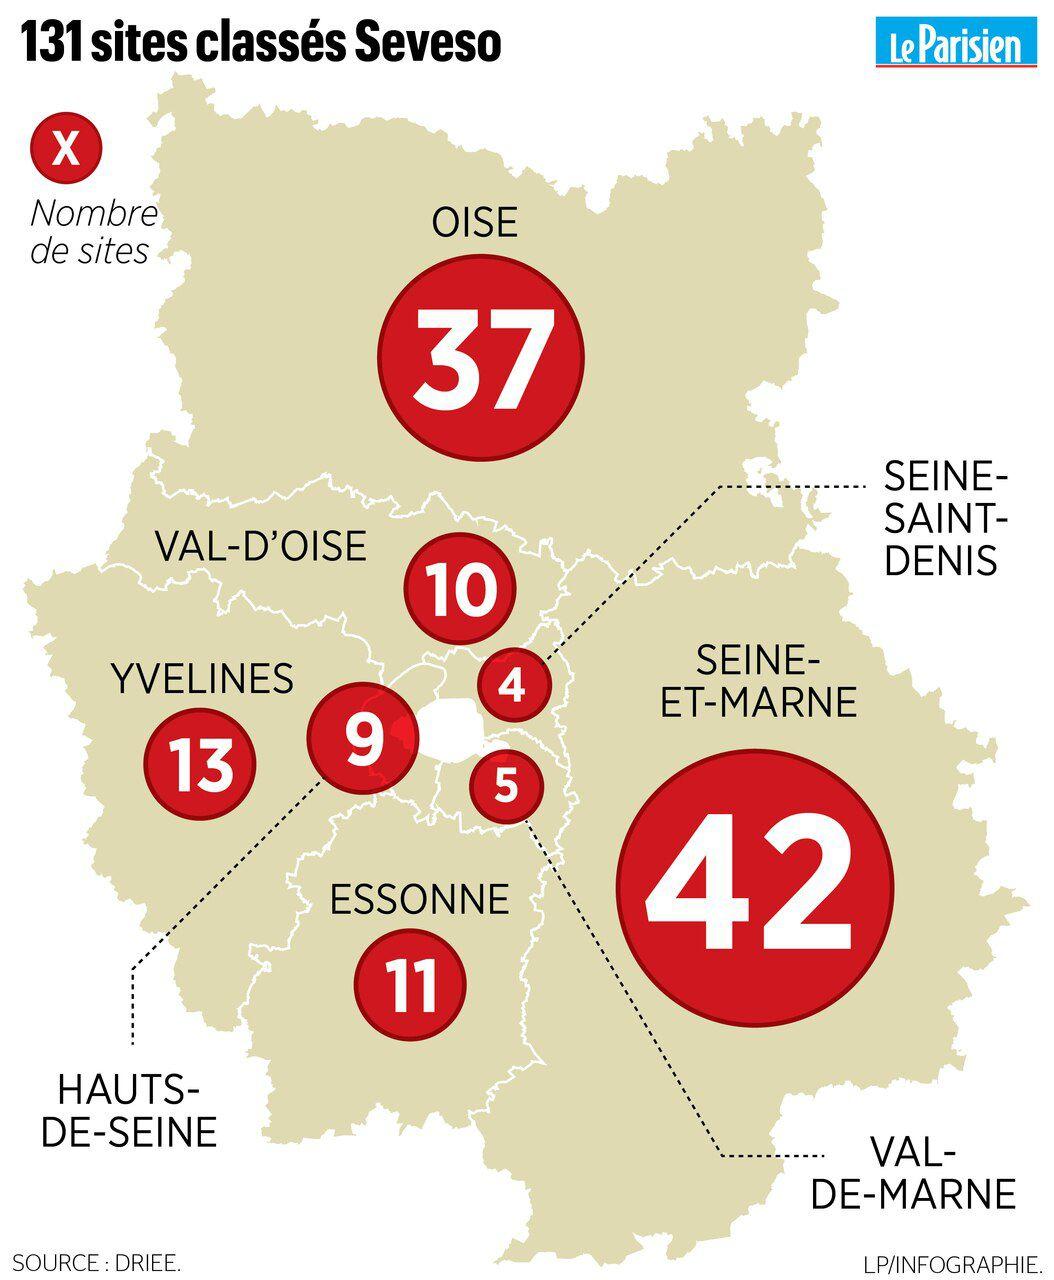 La Carte Des 131 Sites Seveso En Ile-De-France Et Dans L à Liste Des Régions Françaises